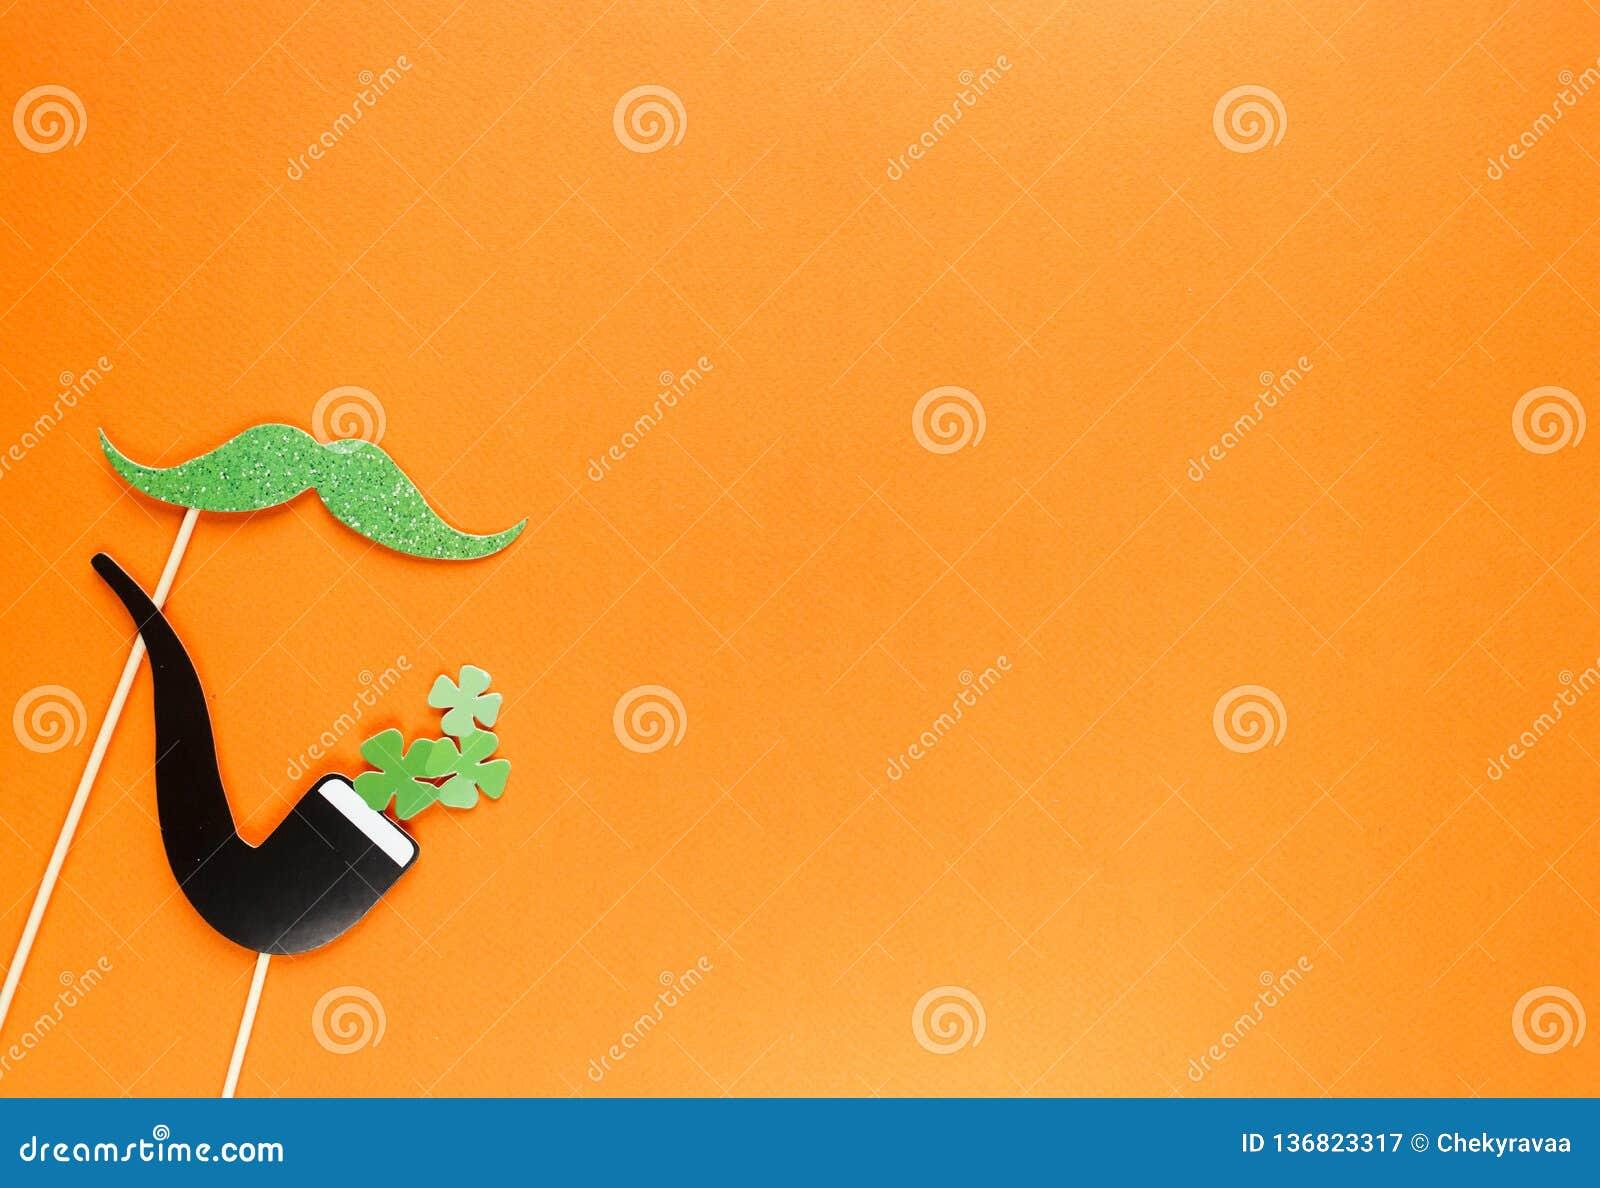 创造性的st帕特里克斯天橙色背景 爱尔兰假日庆祝的平的被放置的构成与照片摊装饰的:帽子,玻璃